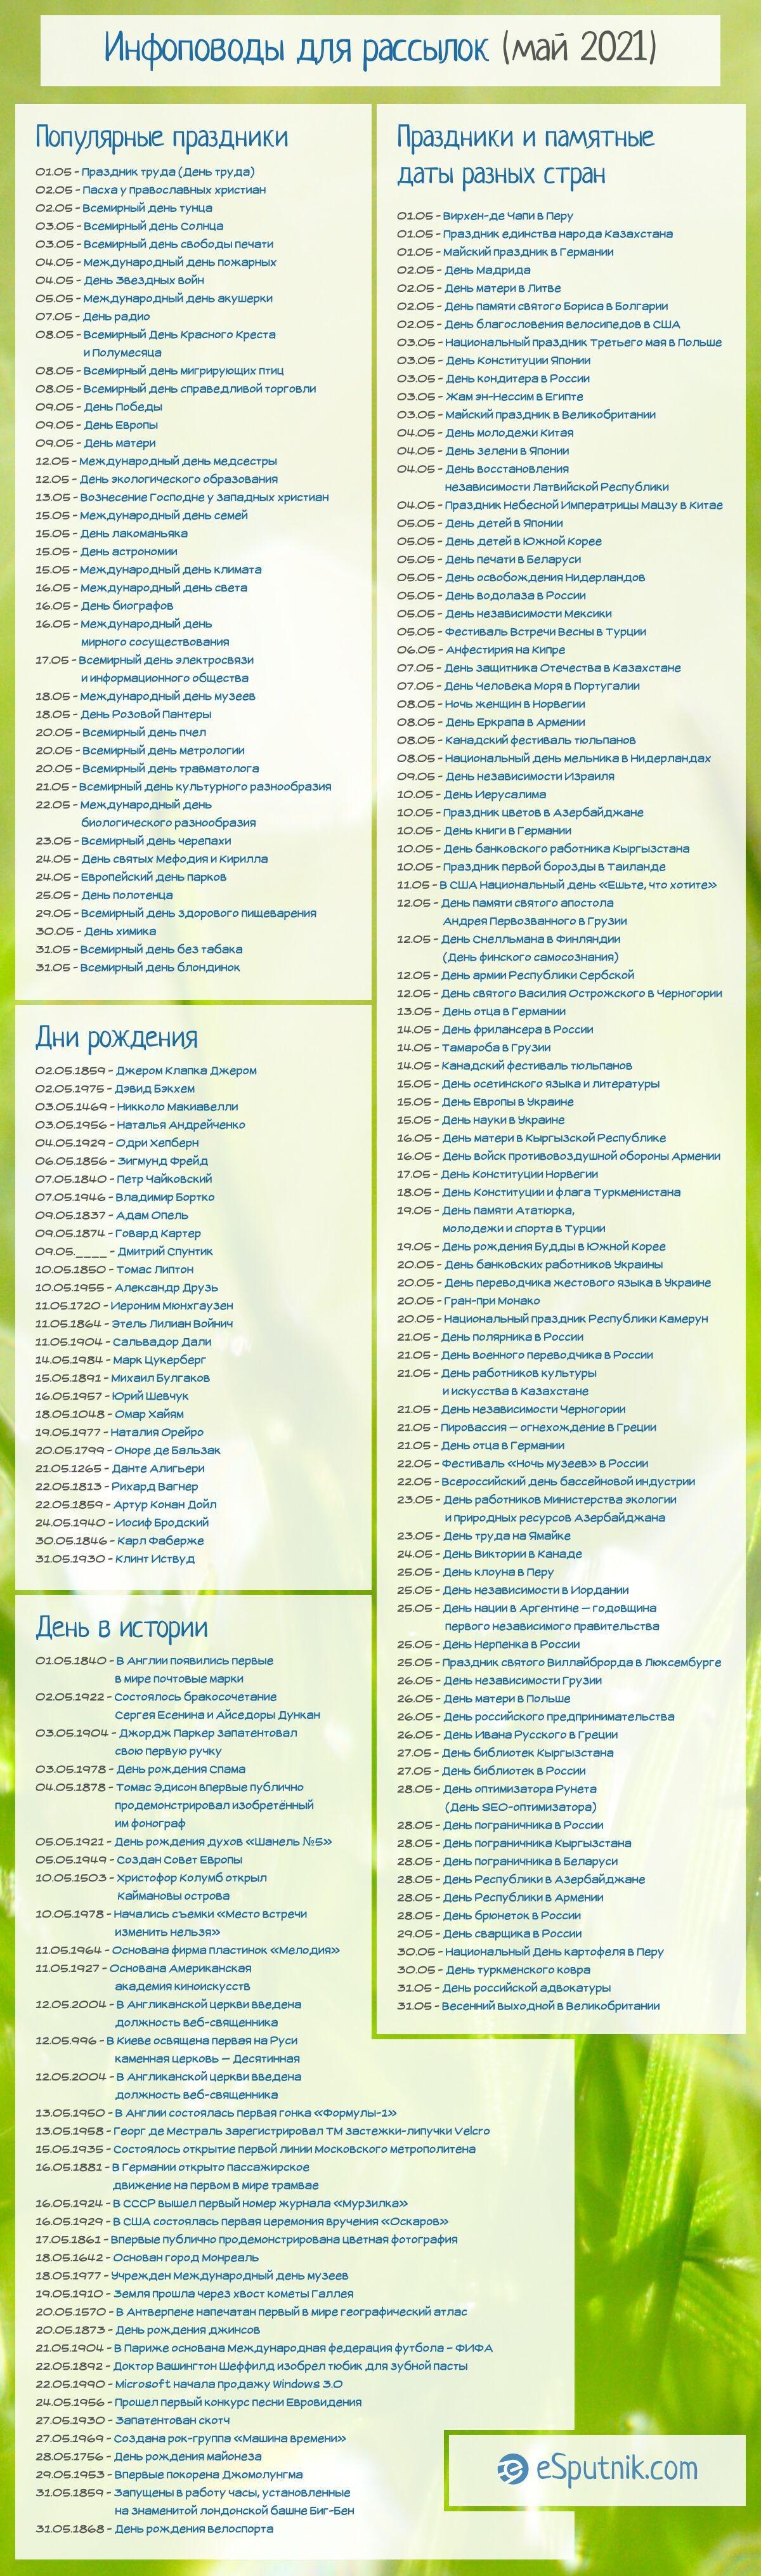 Календарь инфоповодов мая